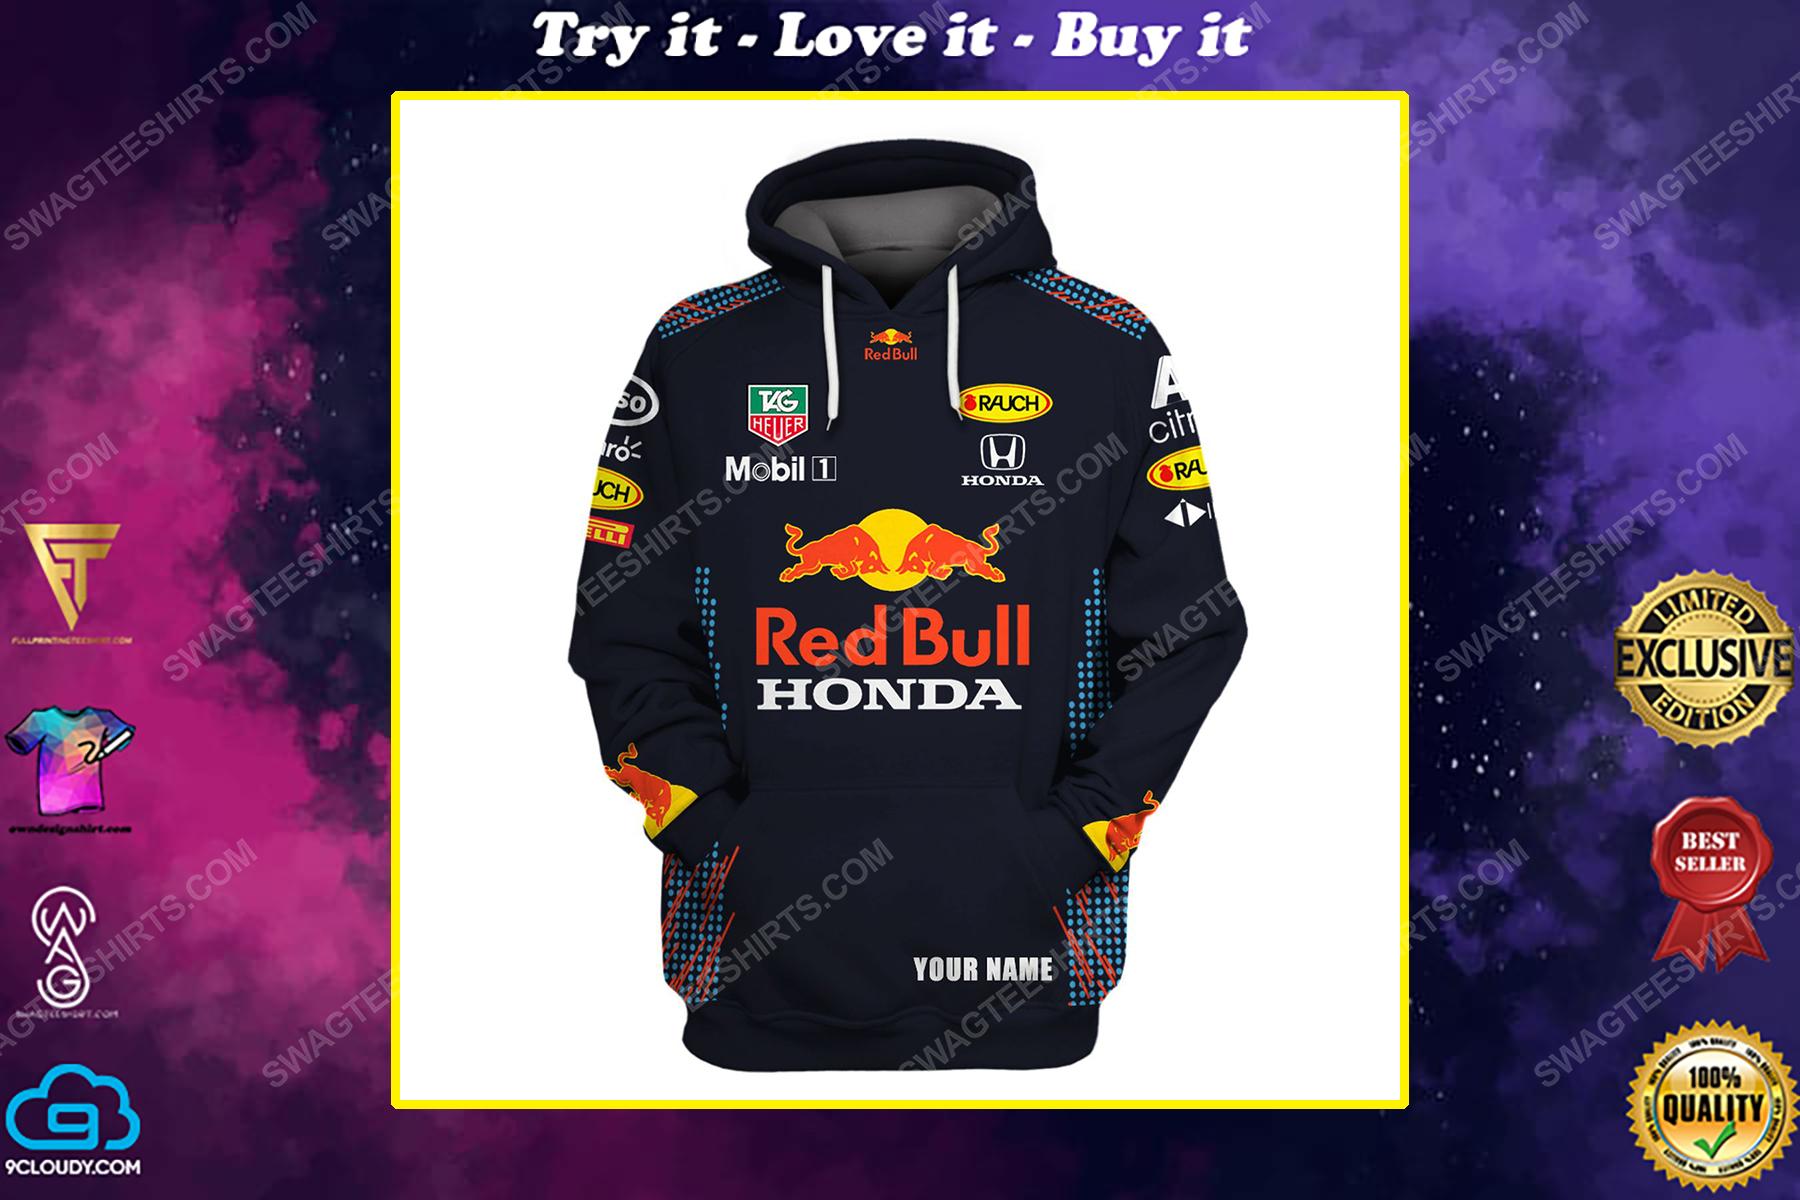 Custom red bull honda racing team motorsport full printing shirt